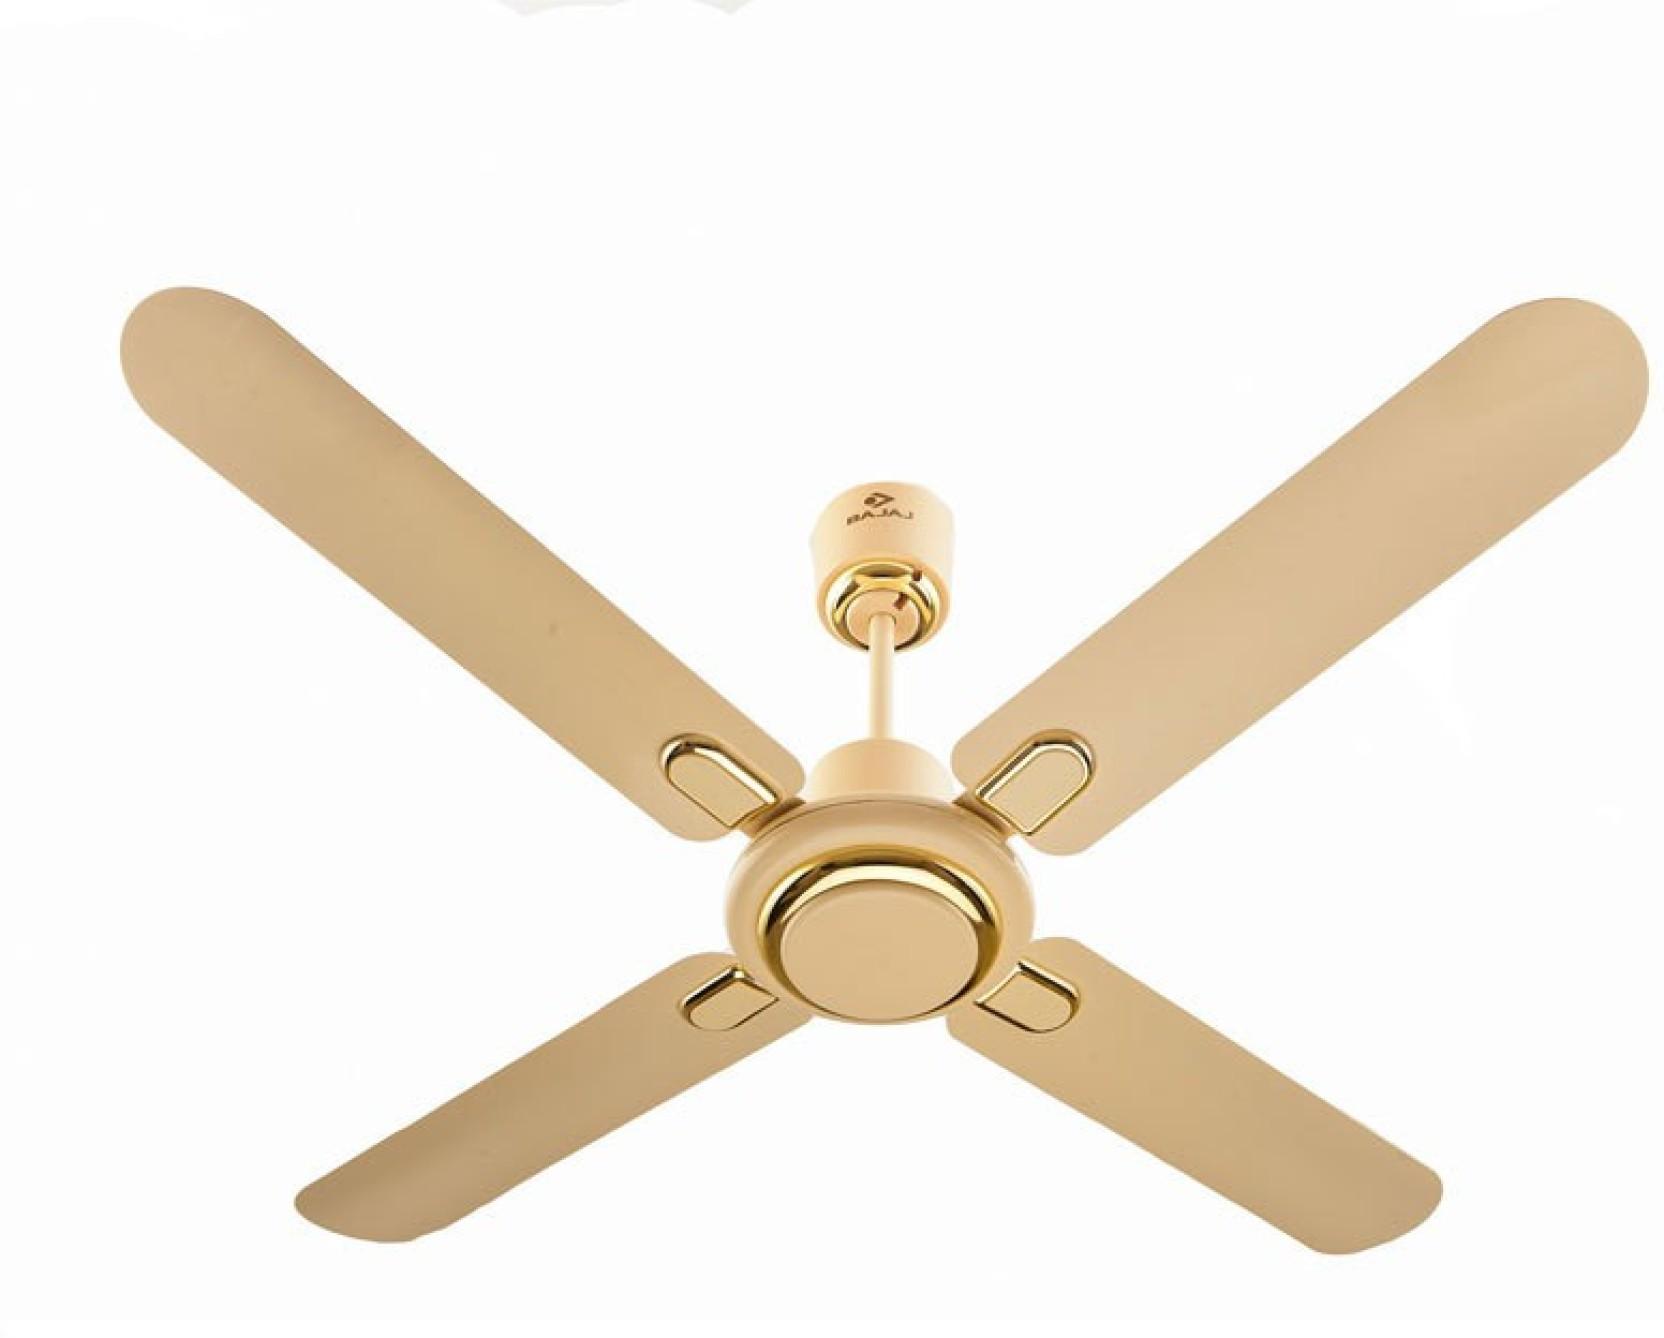 Bajaj Regal Gold 4 Blade Ceiling Fan Price in India Buy Bajaj